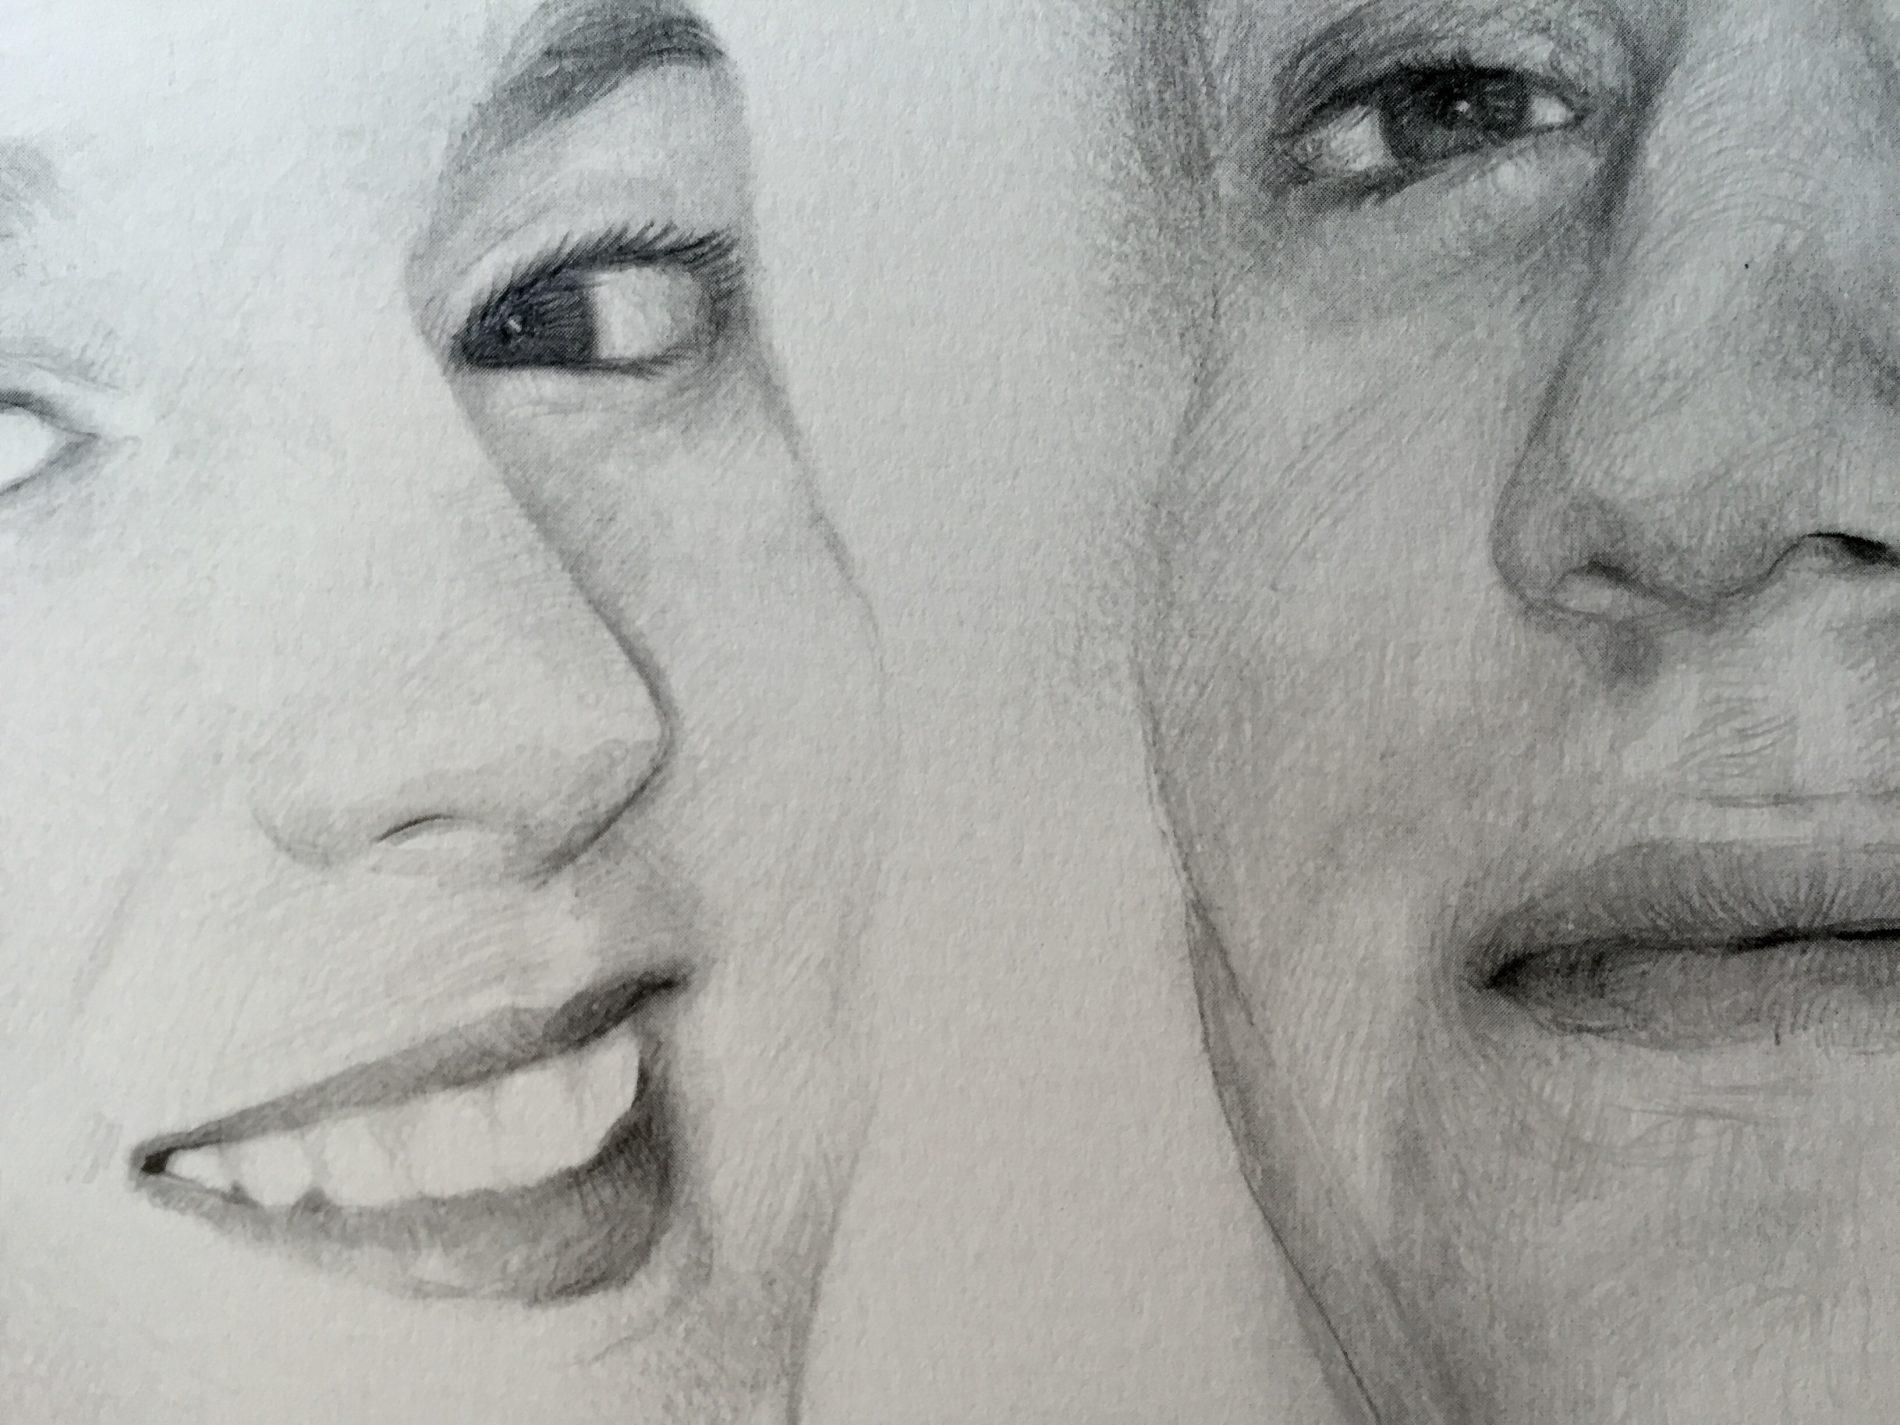 retratos-por-encargo-67-detalle-e1488873212103